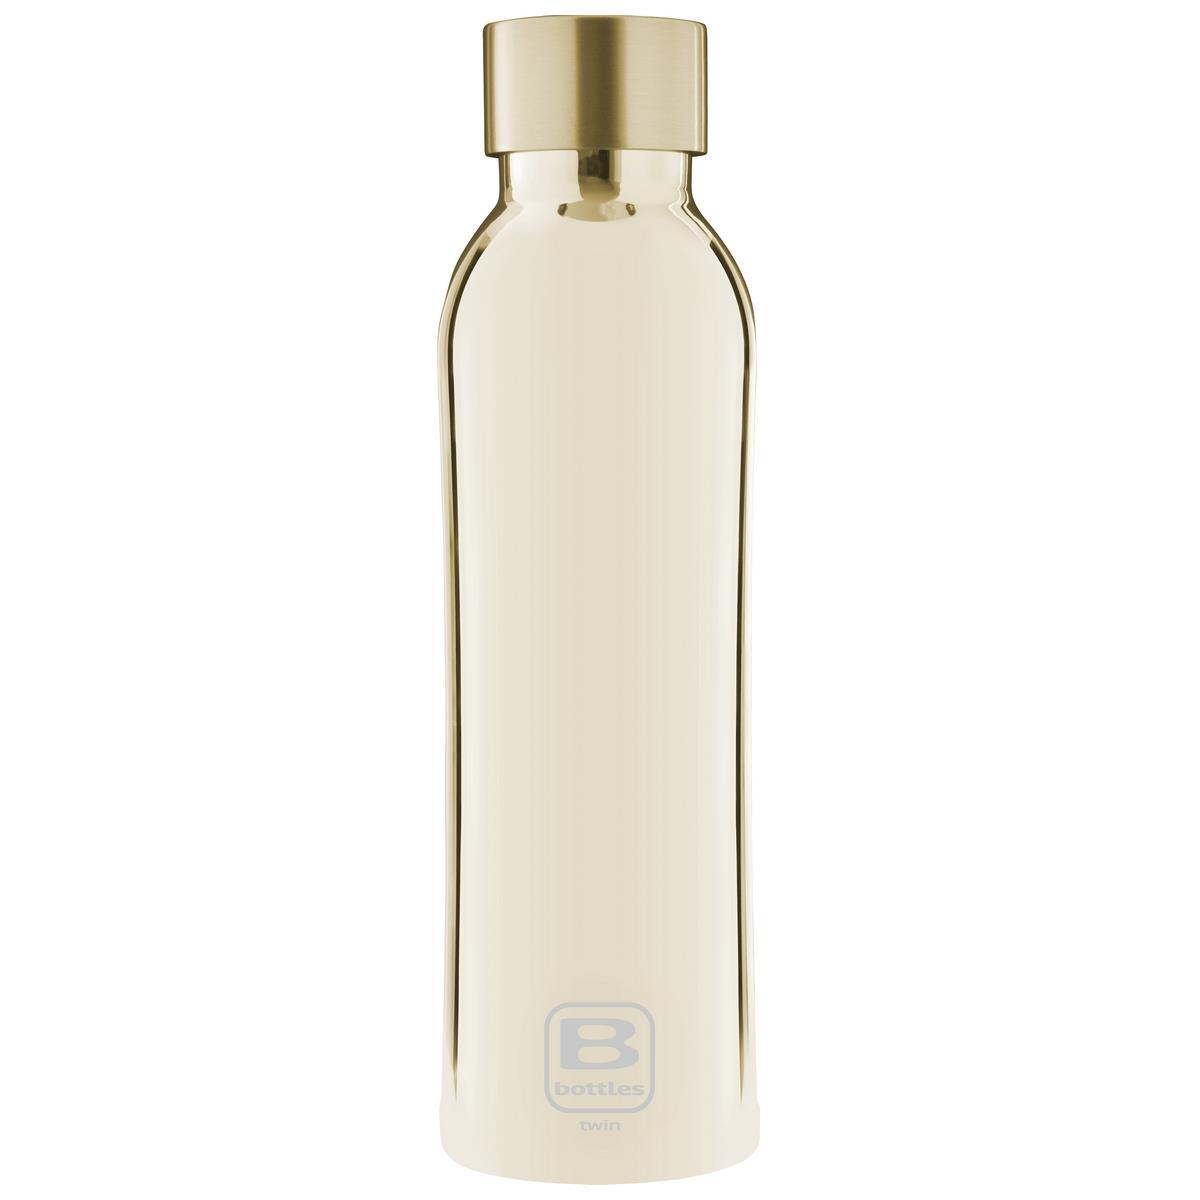 B Bottles Twin - Yellow Gold Lux - 500 ml - Bottiglia Termica a doppia parete in acciaio inox 18/10